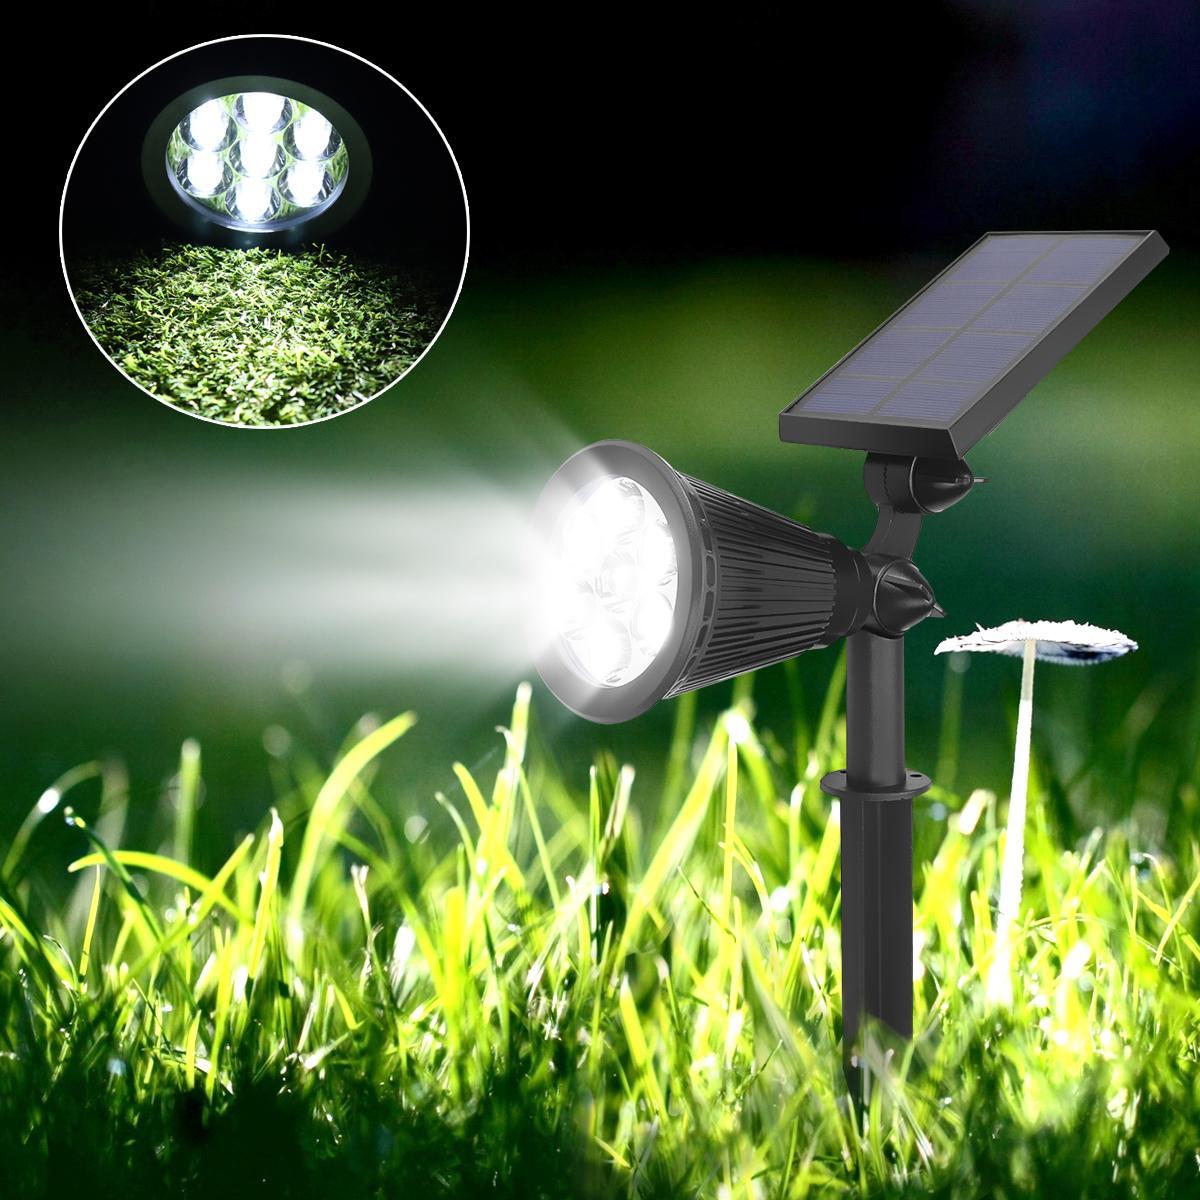 Waterproof Light Sensor Solar Powered 7 LED Solar Light Garden Lamp Spot Light Outdoor Lawn Landscape White Light